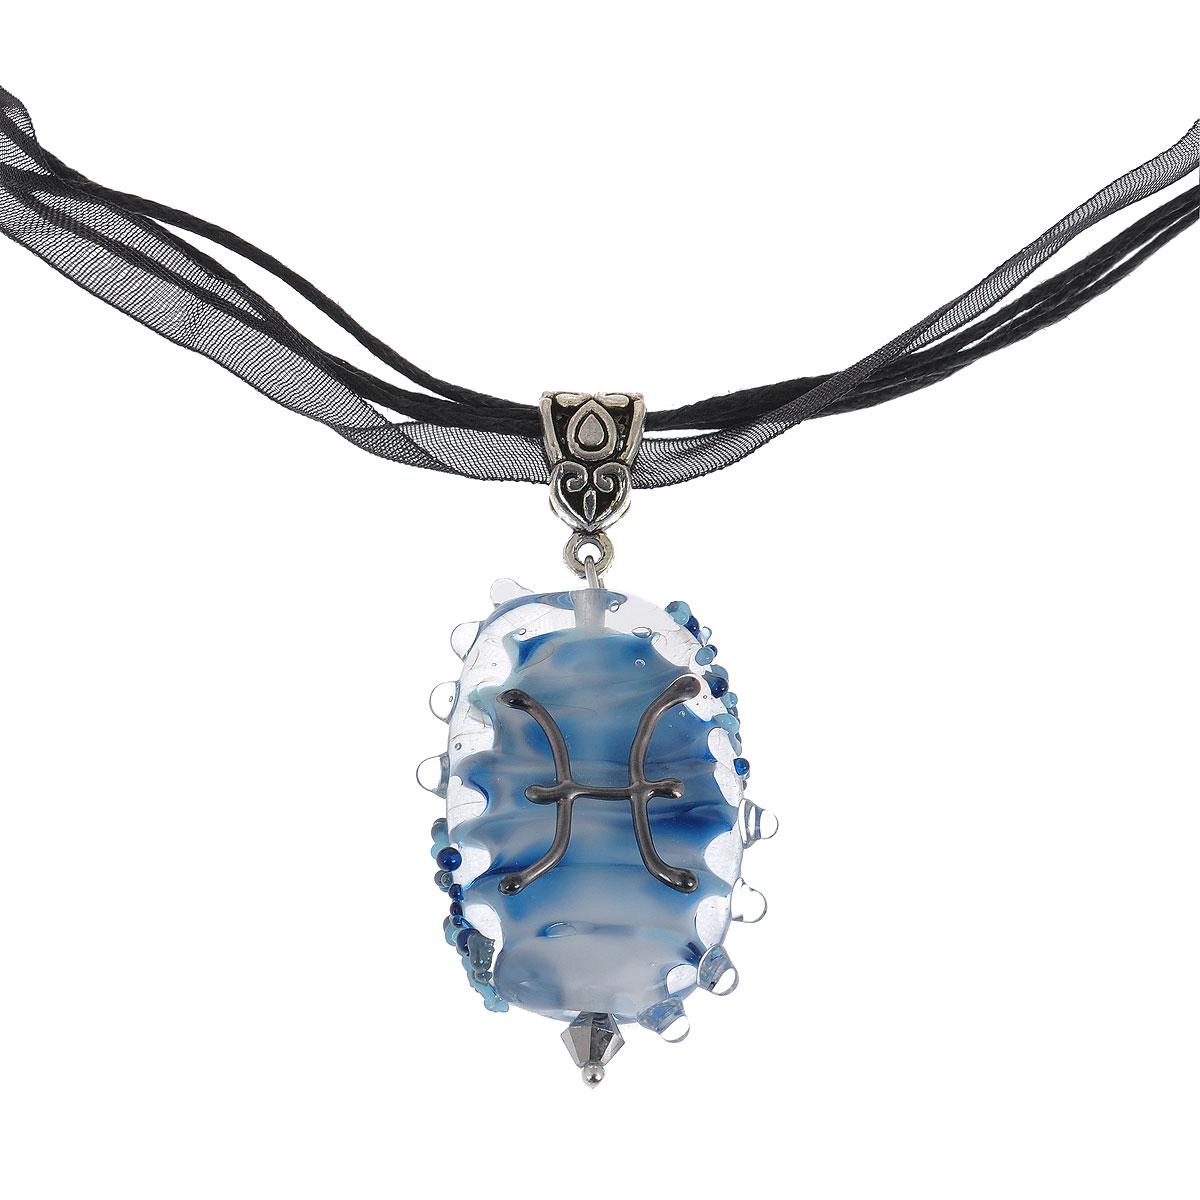 OZON.ruБрошь-кулонВысота кулона 4 см, ширина 2,5 см.Материал: Стекло, металл, кристаллы.Цвет: Черный, Голубой, белый, синий.Элегантный кулон со знаком Зодиака Рыбы. Стихия воды, кулон выполнен в темно-голубом цвете, знак Зодиака обозначен черным. Рожденная под знаком Рыб - очень чувствительна, ее творческая натура делает ее замечательной партнершей. Она умеет сделать мир вокруг себя красивым. Она живет на пределе, ее поведение способно кого угодно свести с ума.Это украшение - дань ее неустрашимости, желанию перемен и убийственной тяги творить.УВАЖАЕМЫЕ КЛИЕНТЫ!Каждое украшение выполнено вручную и потому уникально. Ваше украшение может несколько отличаться в деталях от представленного на фотографии. Общий вид украшения сохраняется.